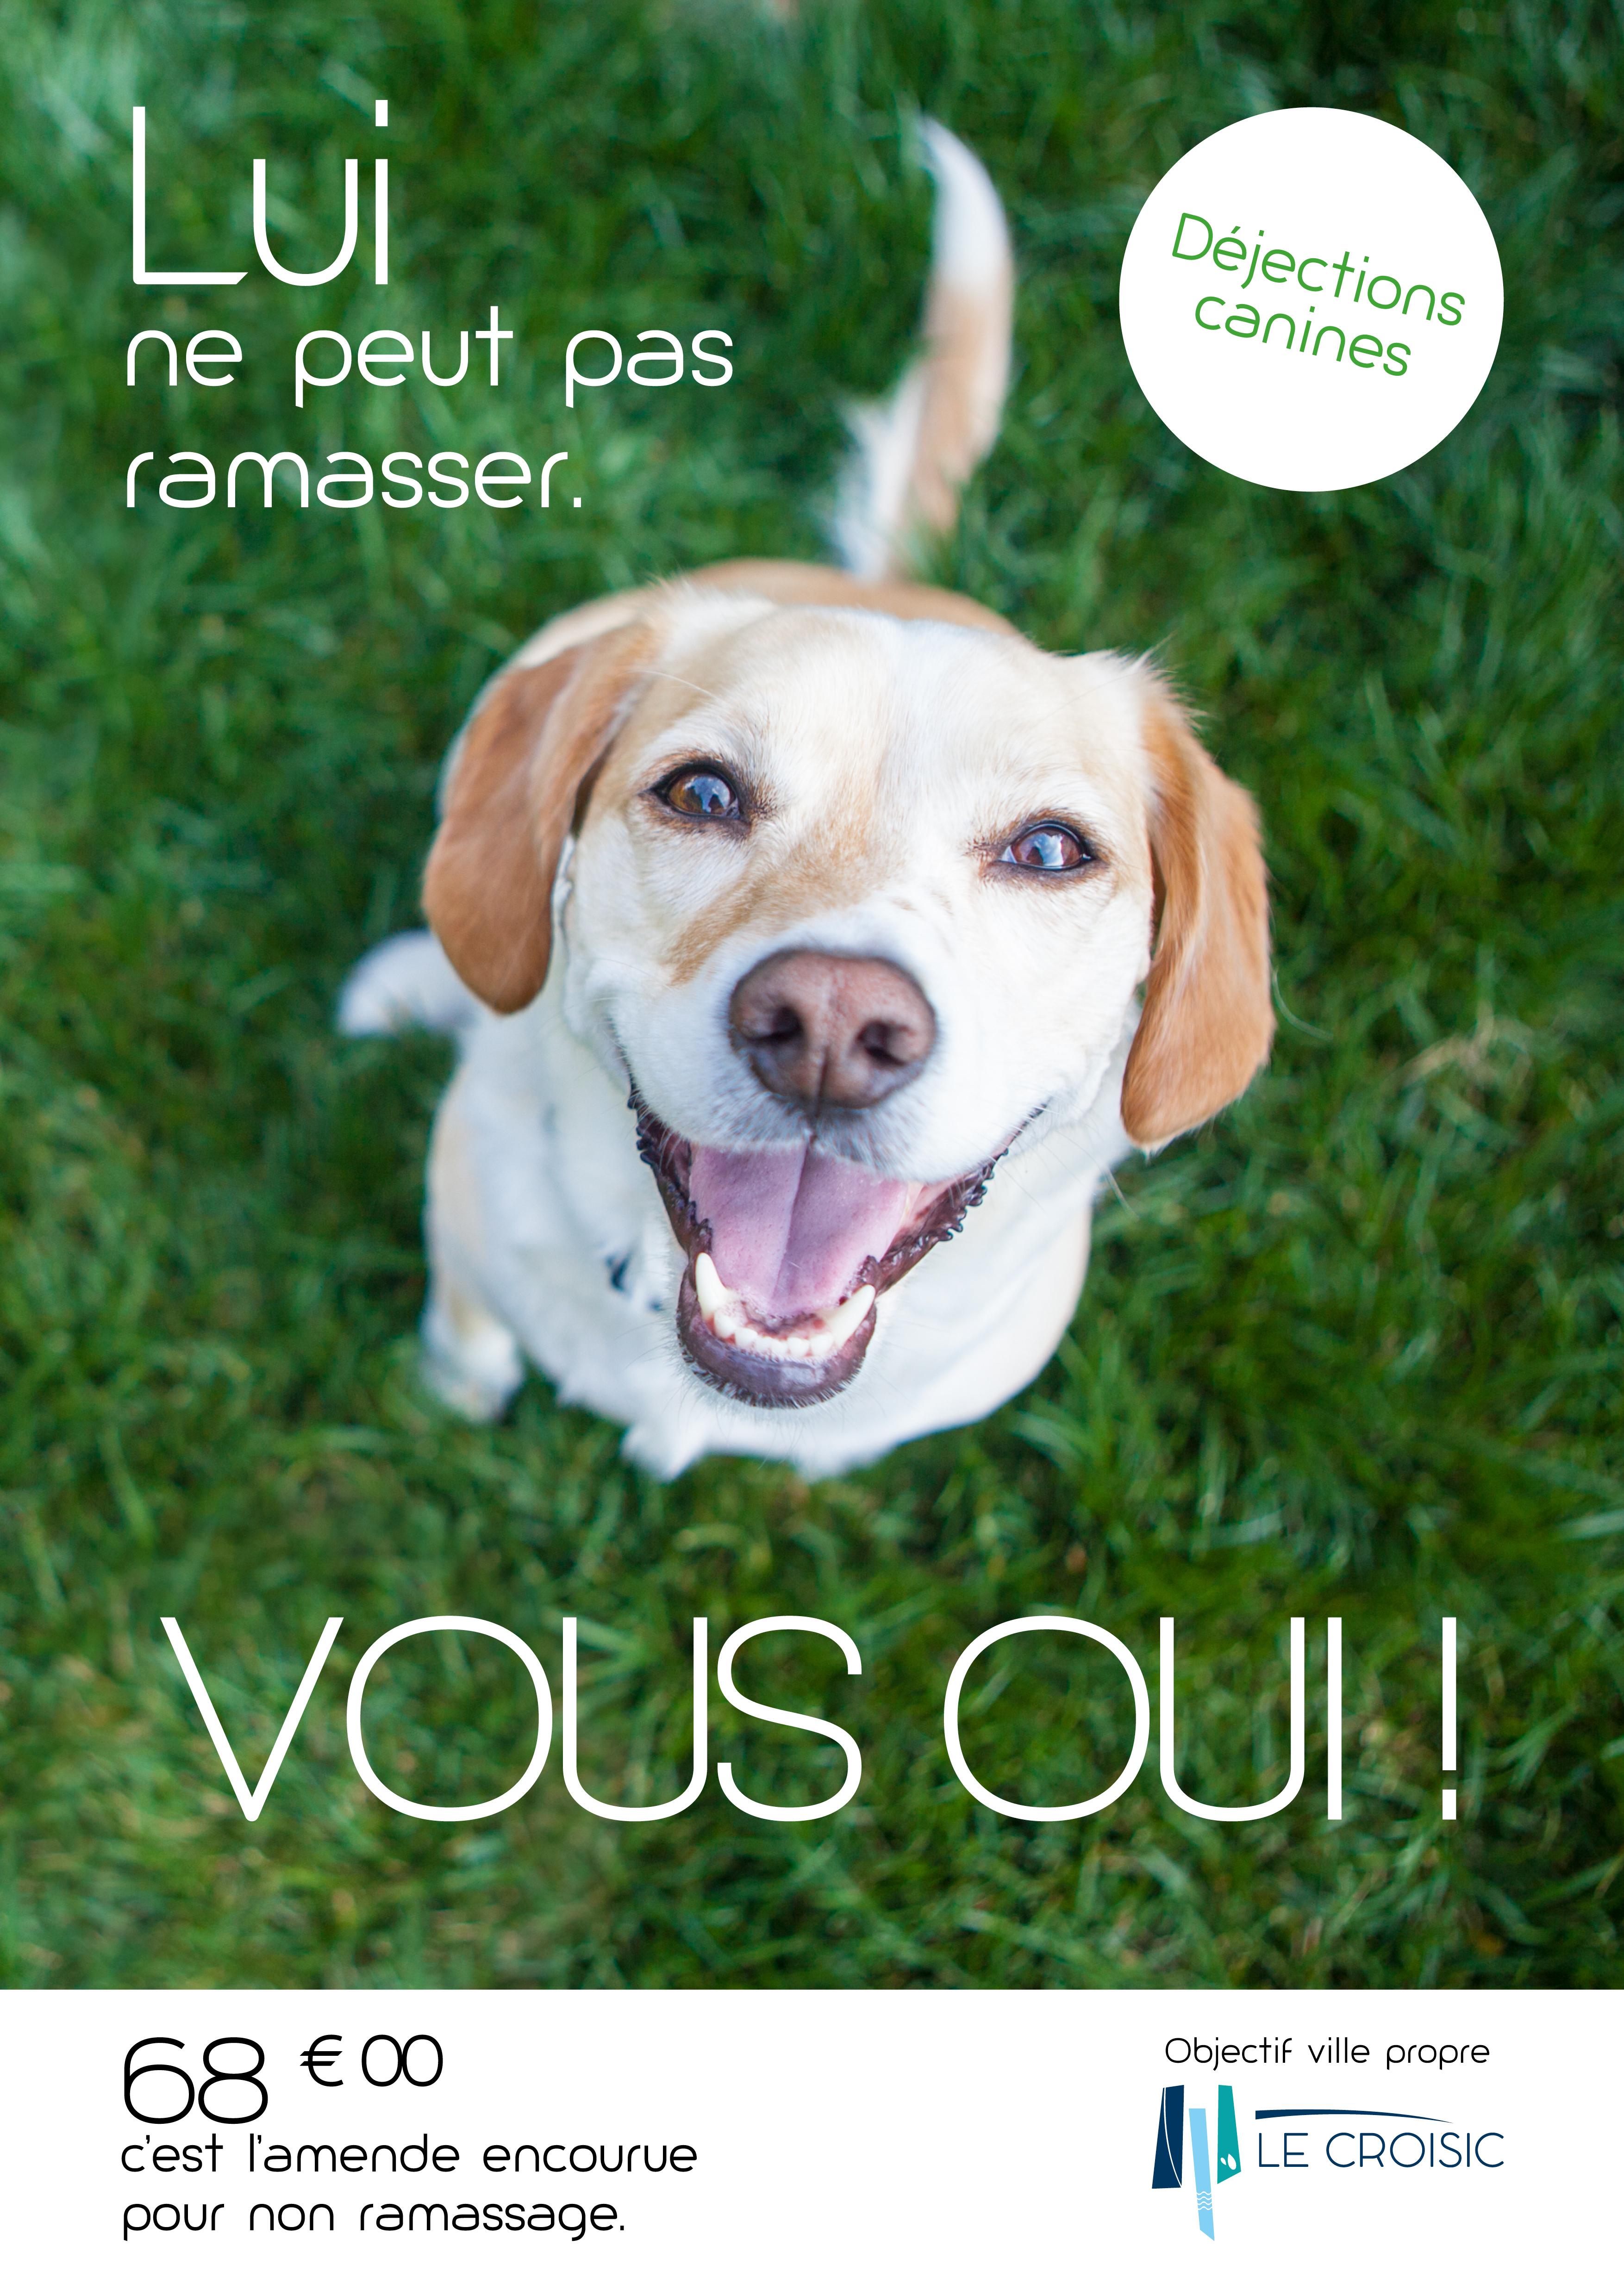 Déjections canines - Affiches sensibilisation.jpg